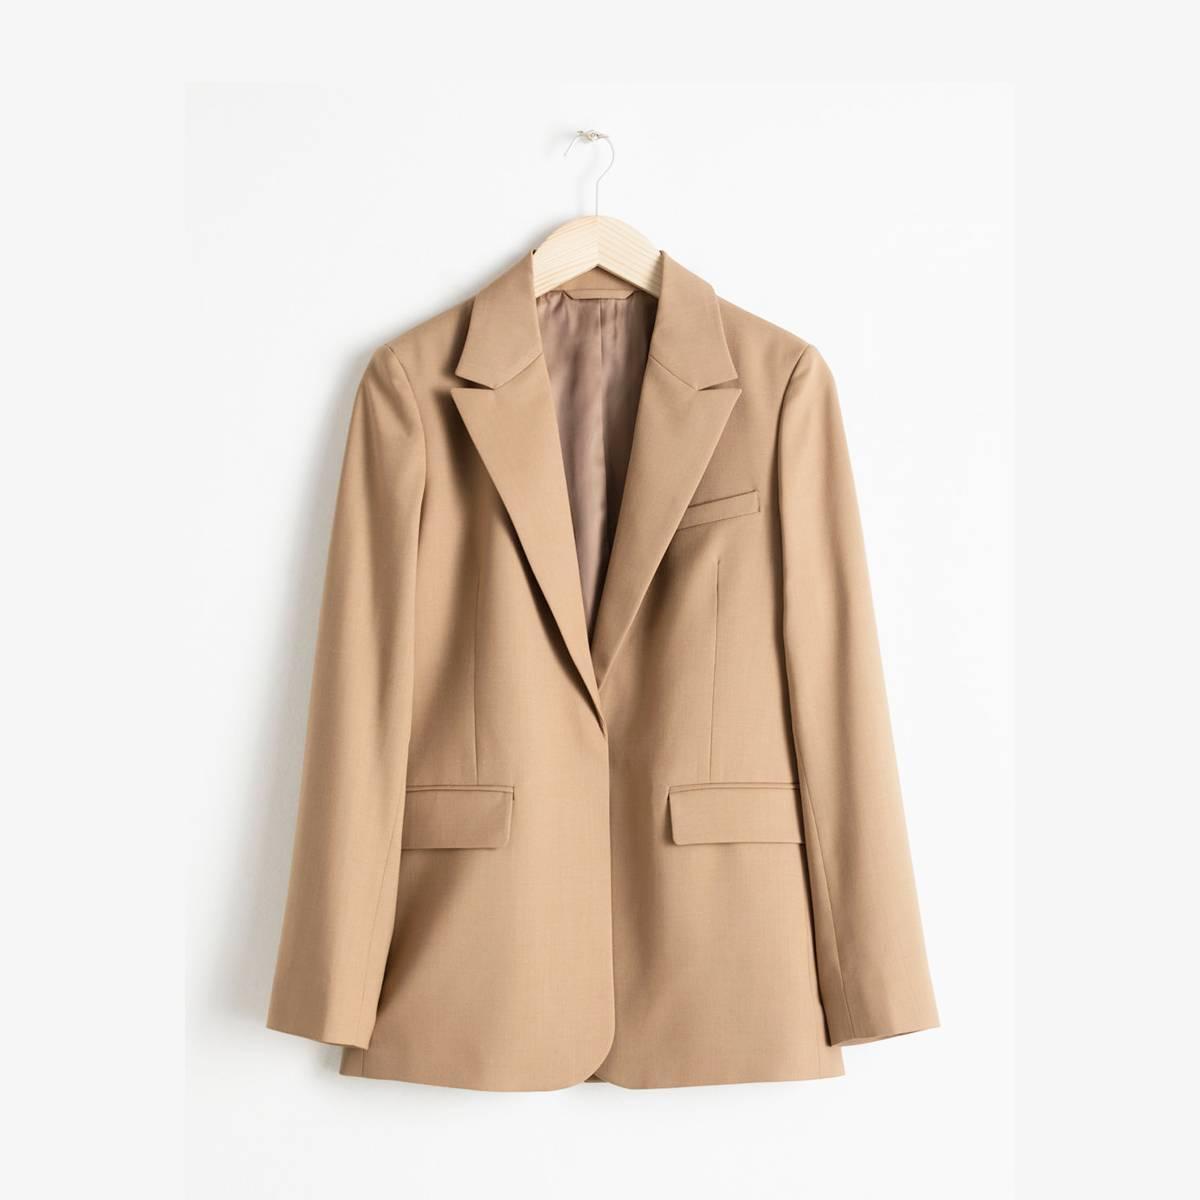 Είδαμε αυτό το κομμάτι στη Victoria Beckham και το θέλουμε Το camel blazer θα γίνει πλέον βασικό κομμάτι της γκαρνταρόμπας.